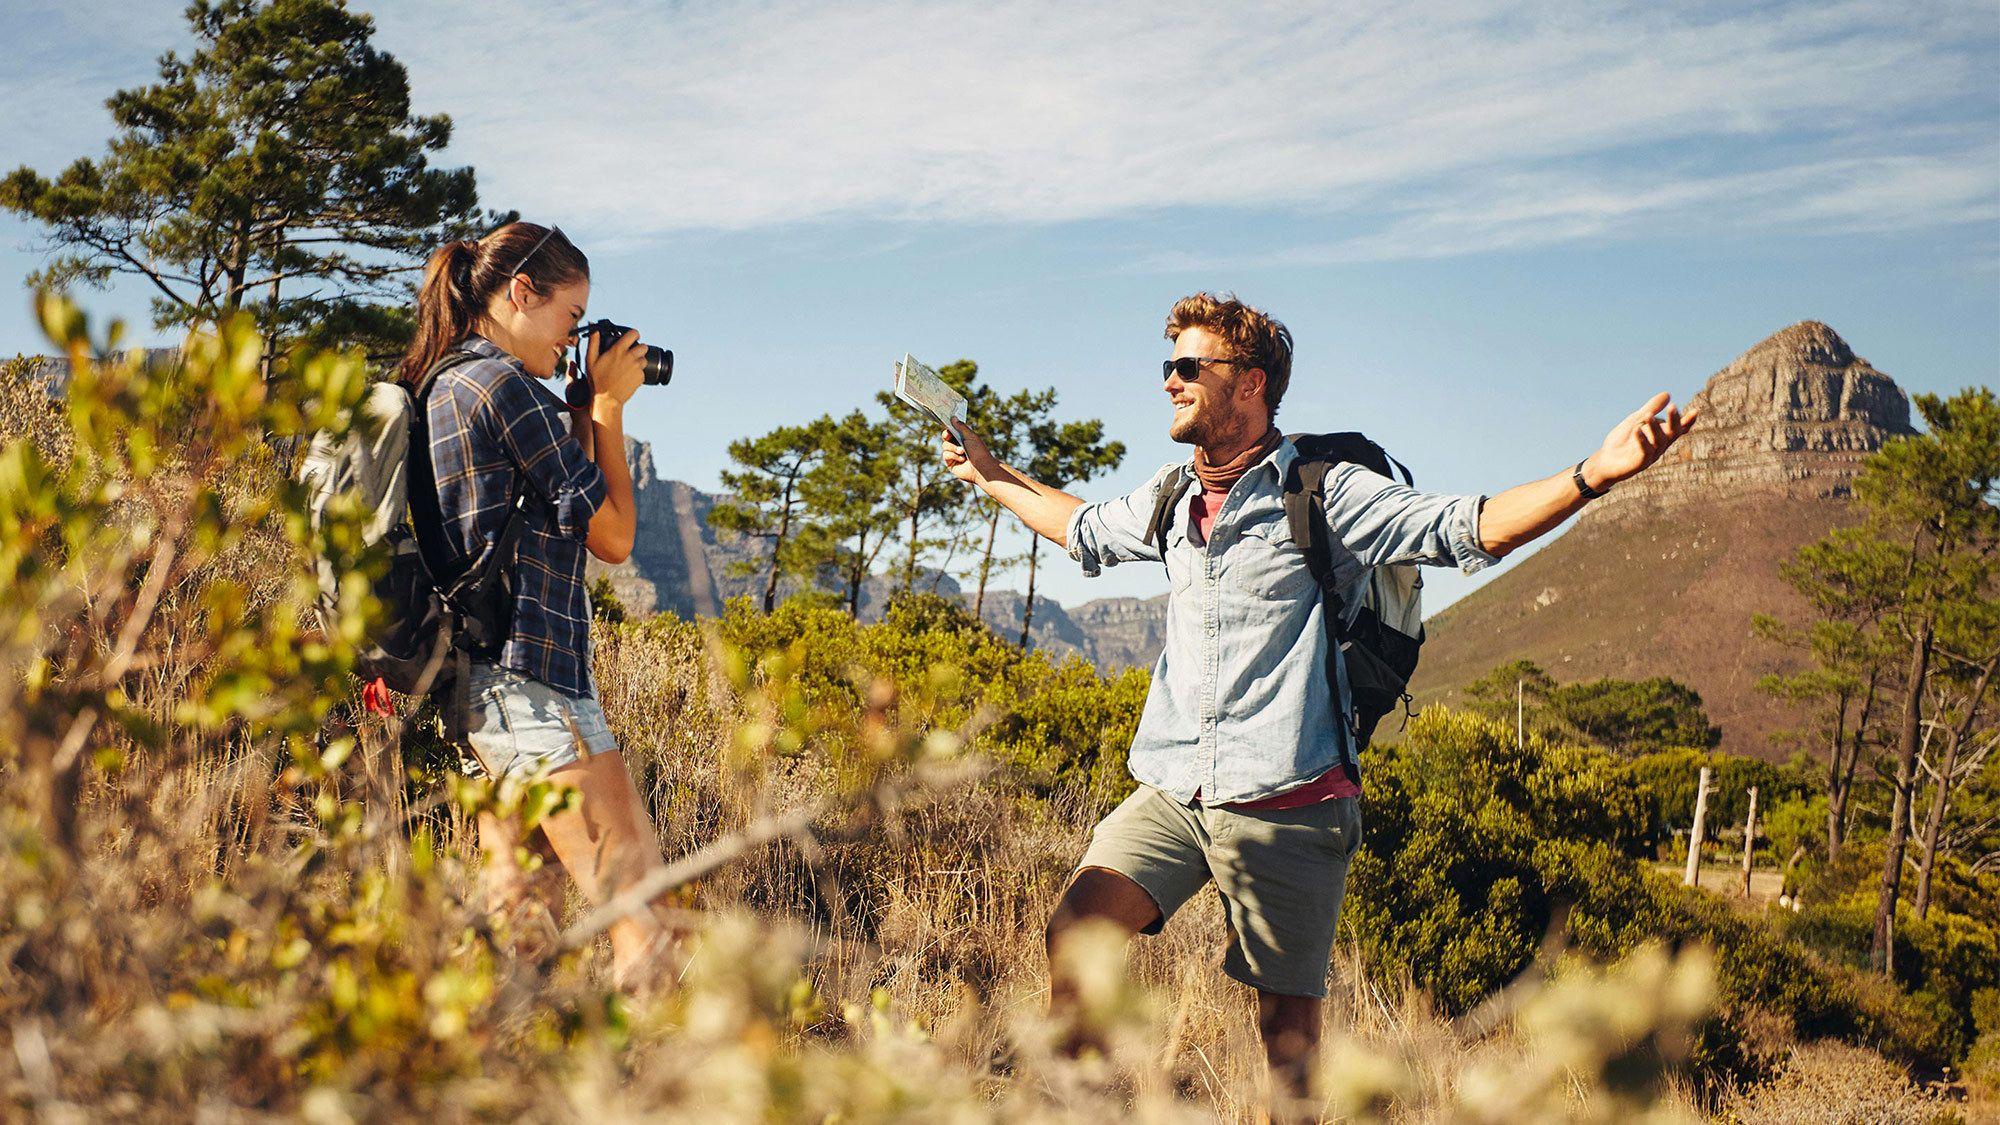 Privater Tagesausflug zur Erkundung von Kapstadt